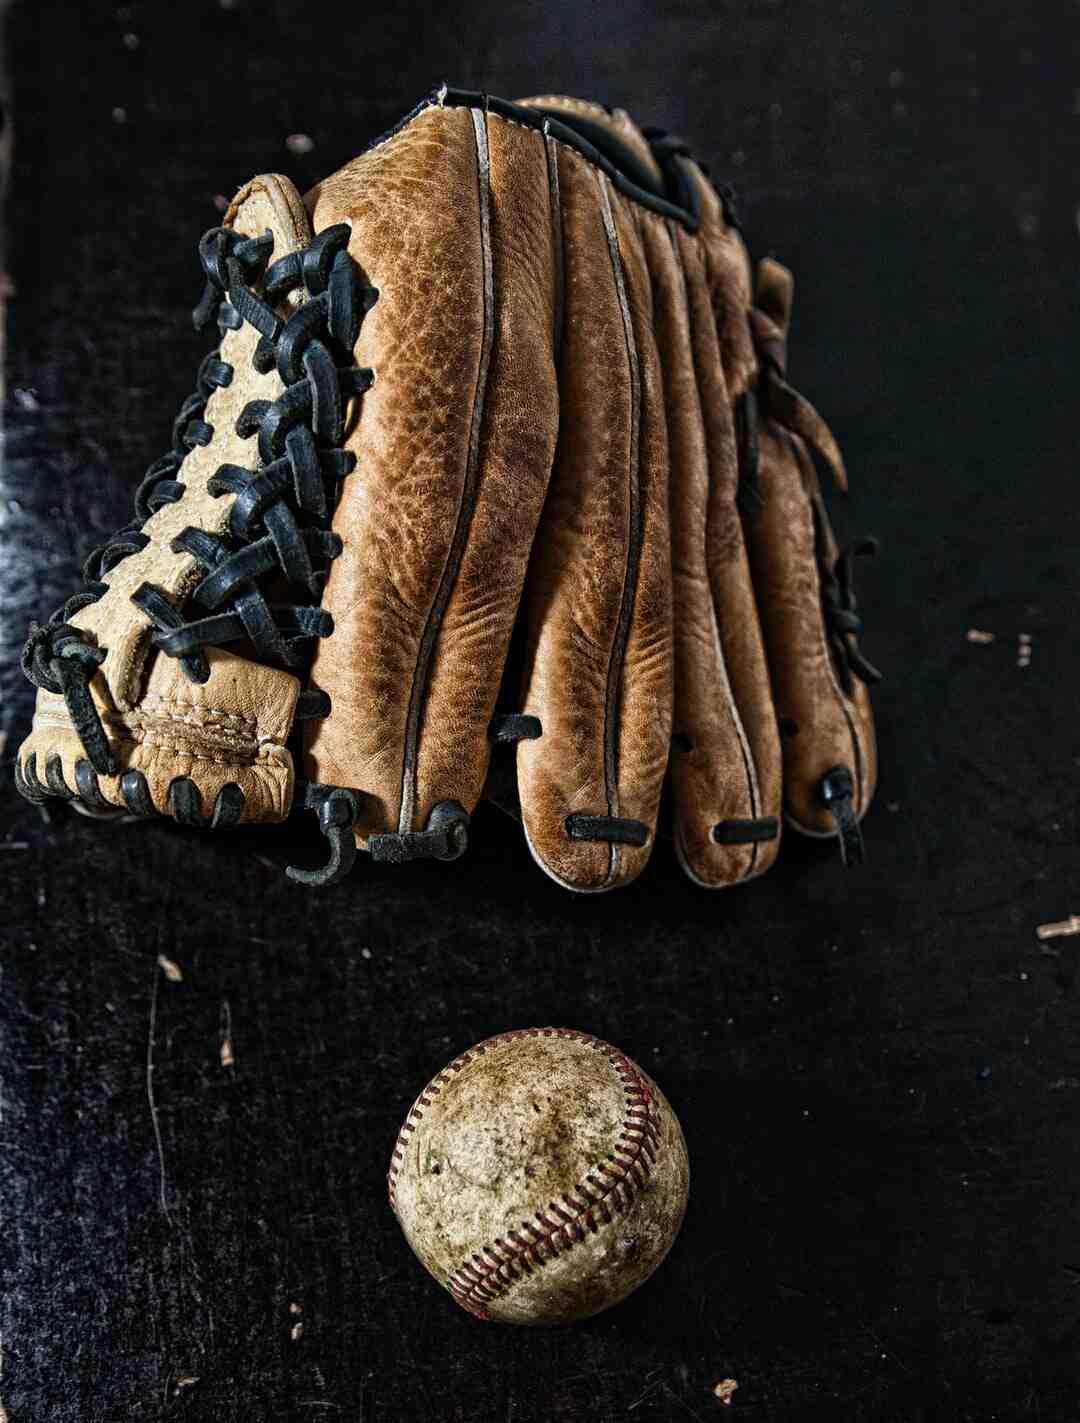 Comment Appelle-t-on une manche au baseball ?